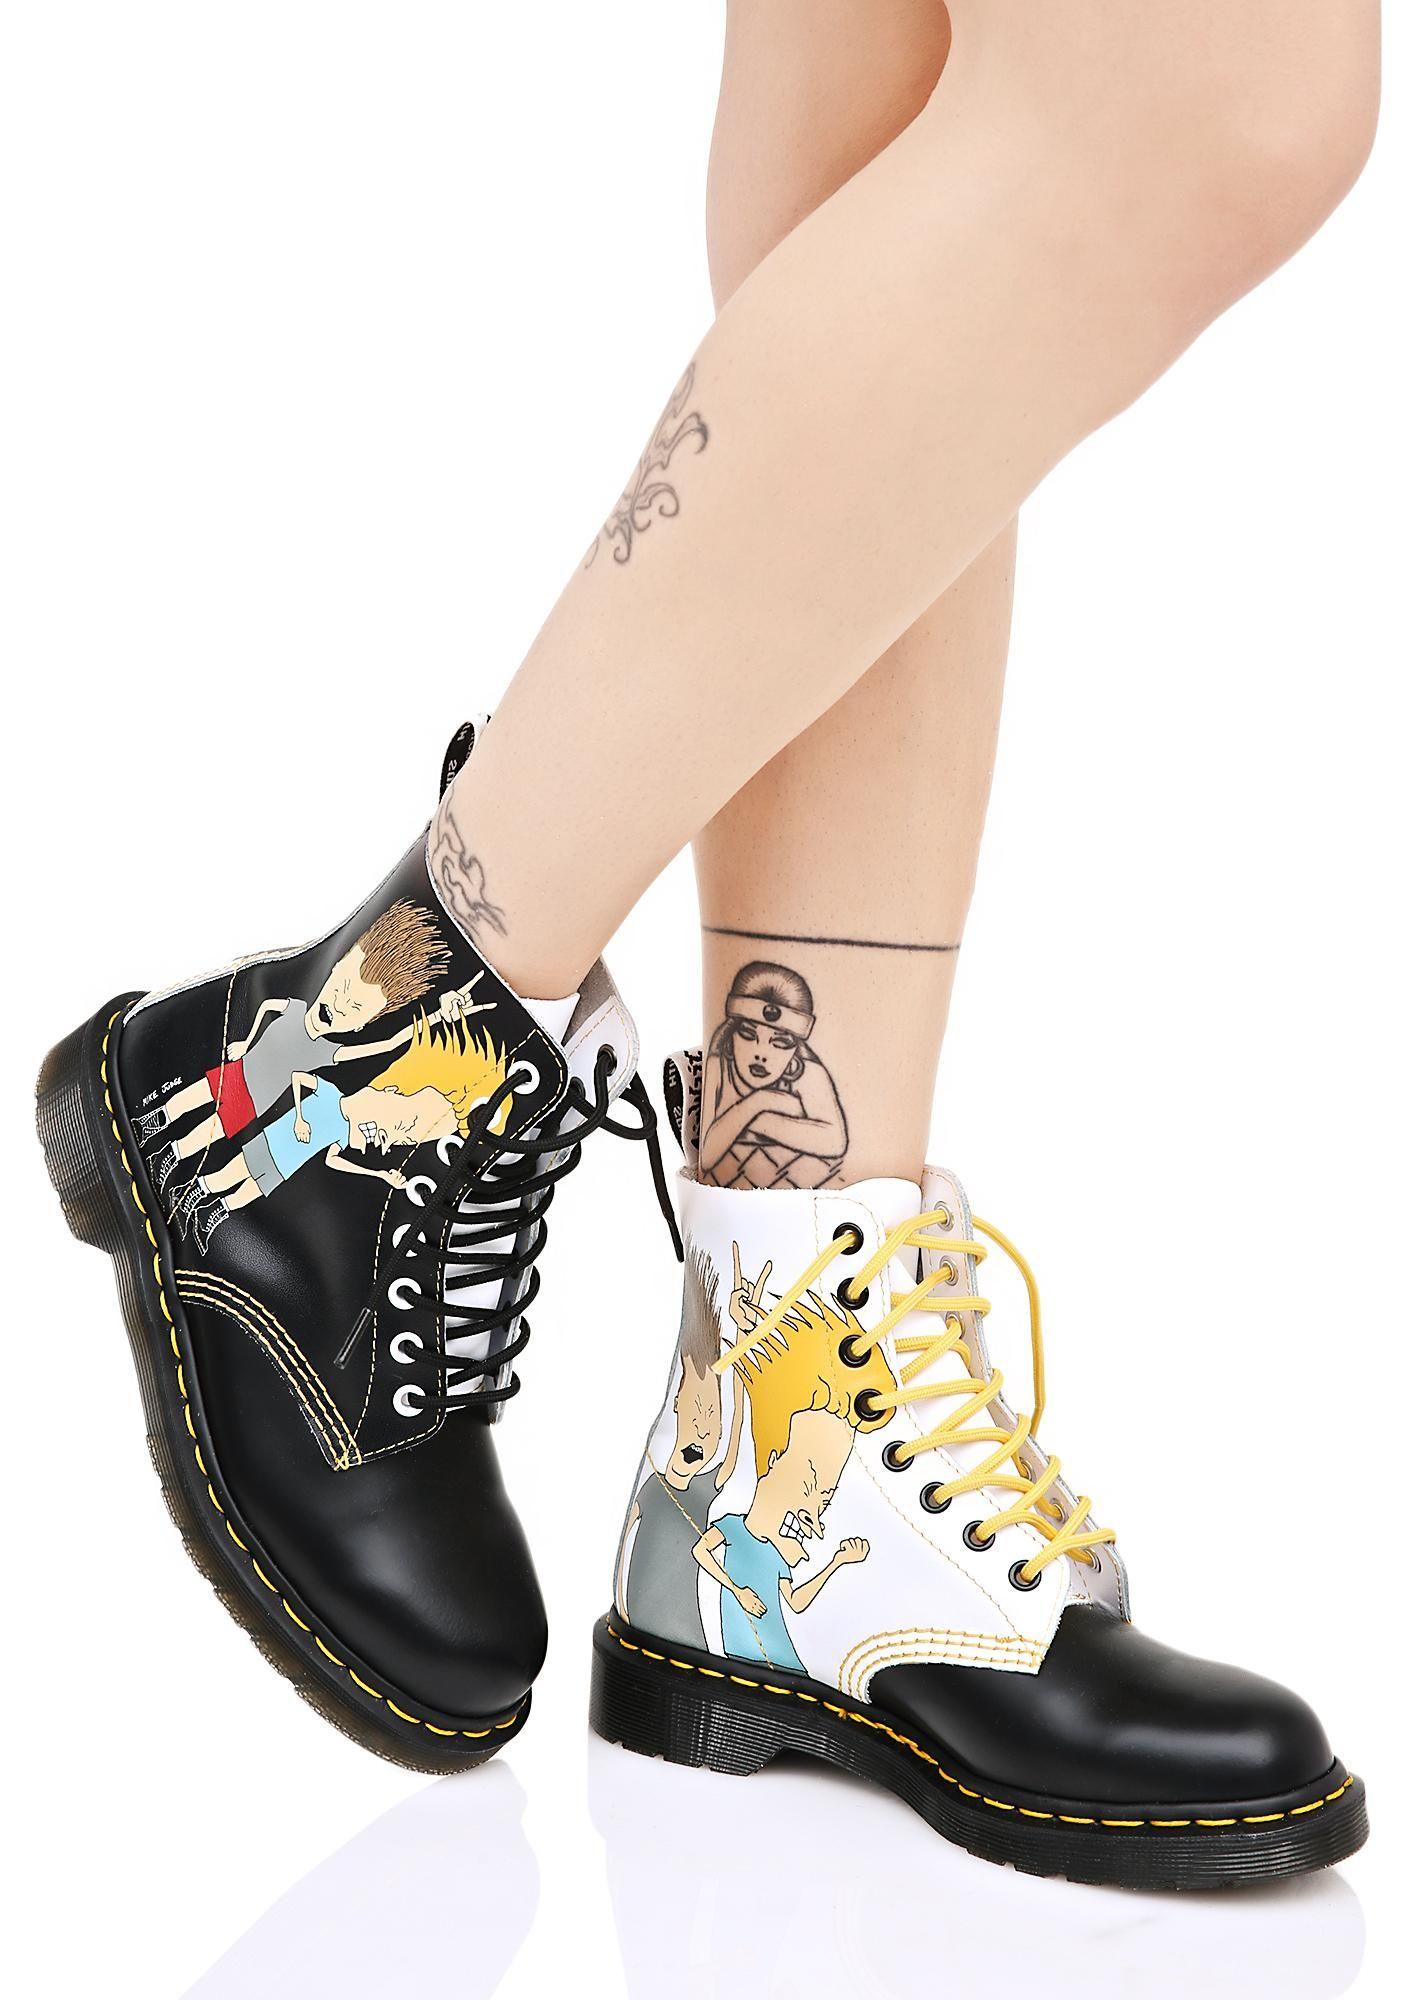 Beavis & Butthead Pascal 8 Eye Boots   Damas y Quiero